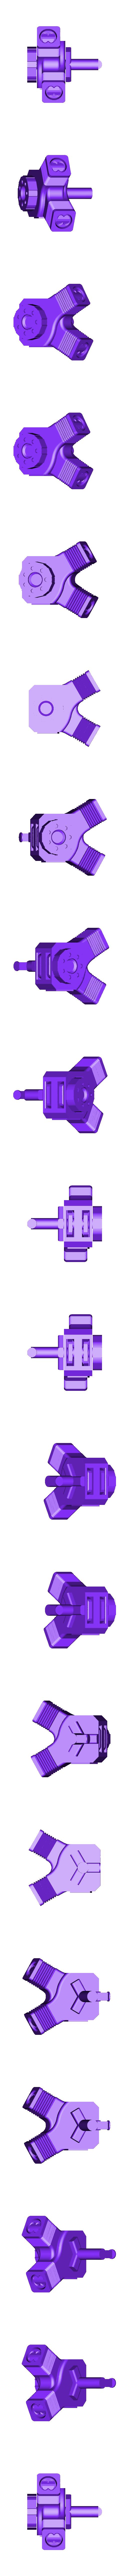 V-twin-with-drill-attachment.stl Télécharger fichier STL gratuit Imprimez en place le moteur V-Twin ! • Plan pour impression 3D, SunShine